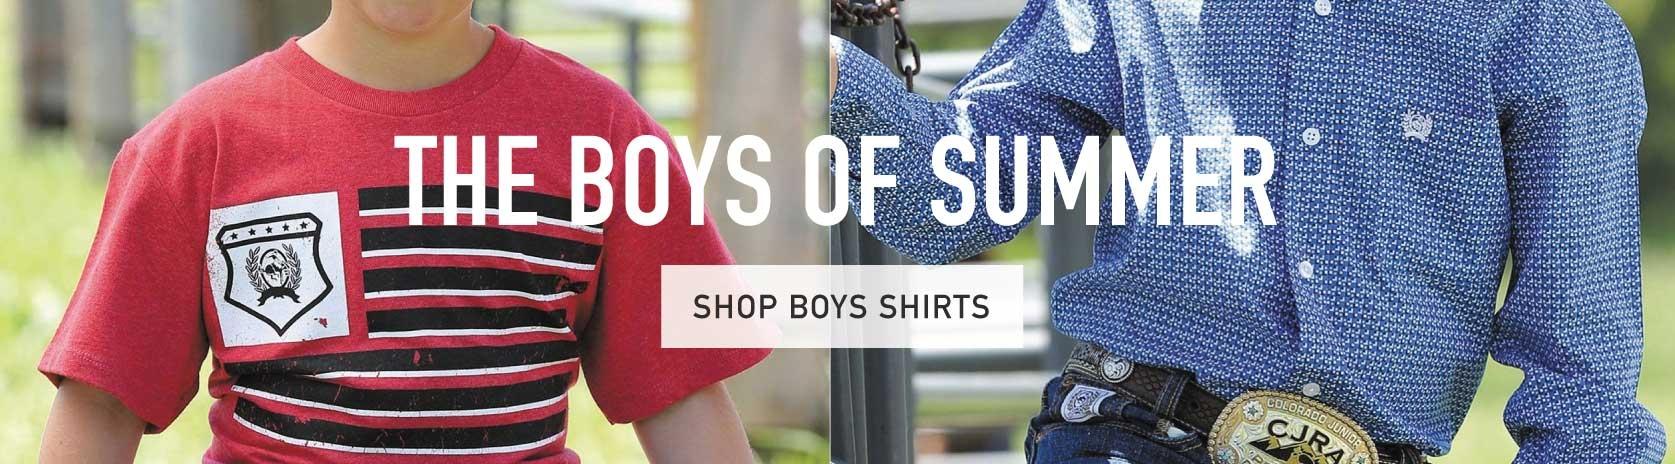 Boys Western Summer Shirts